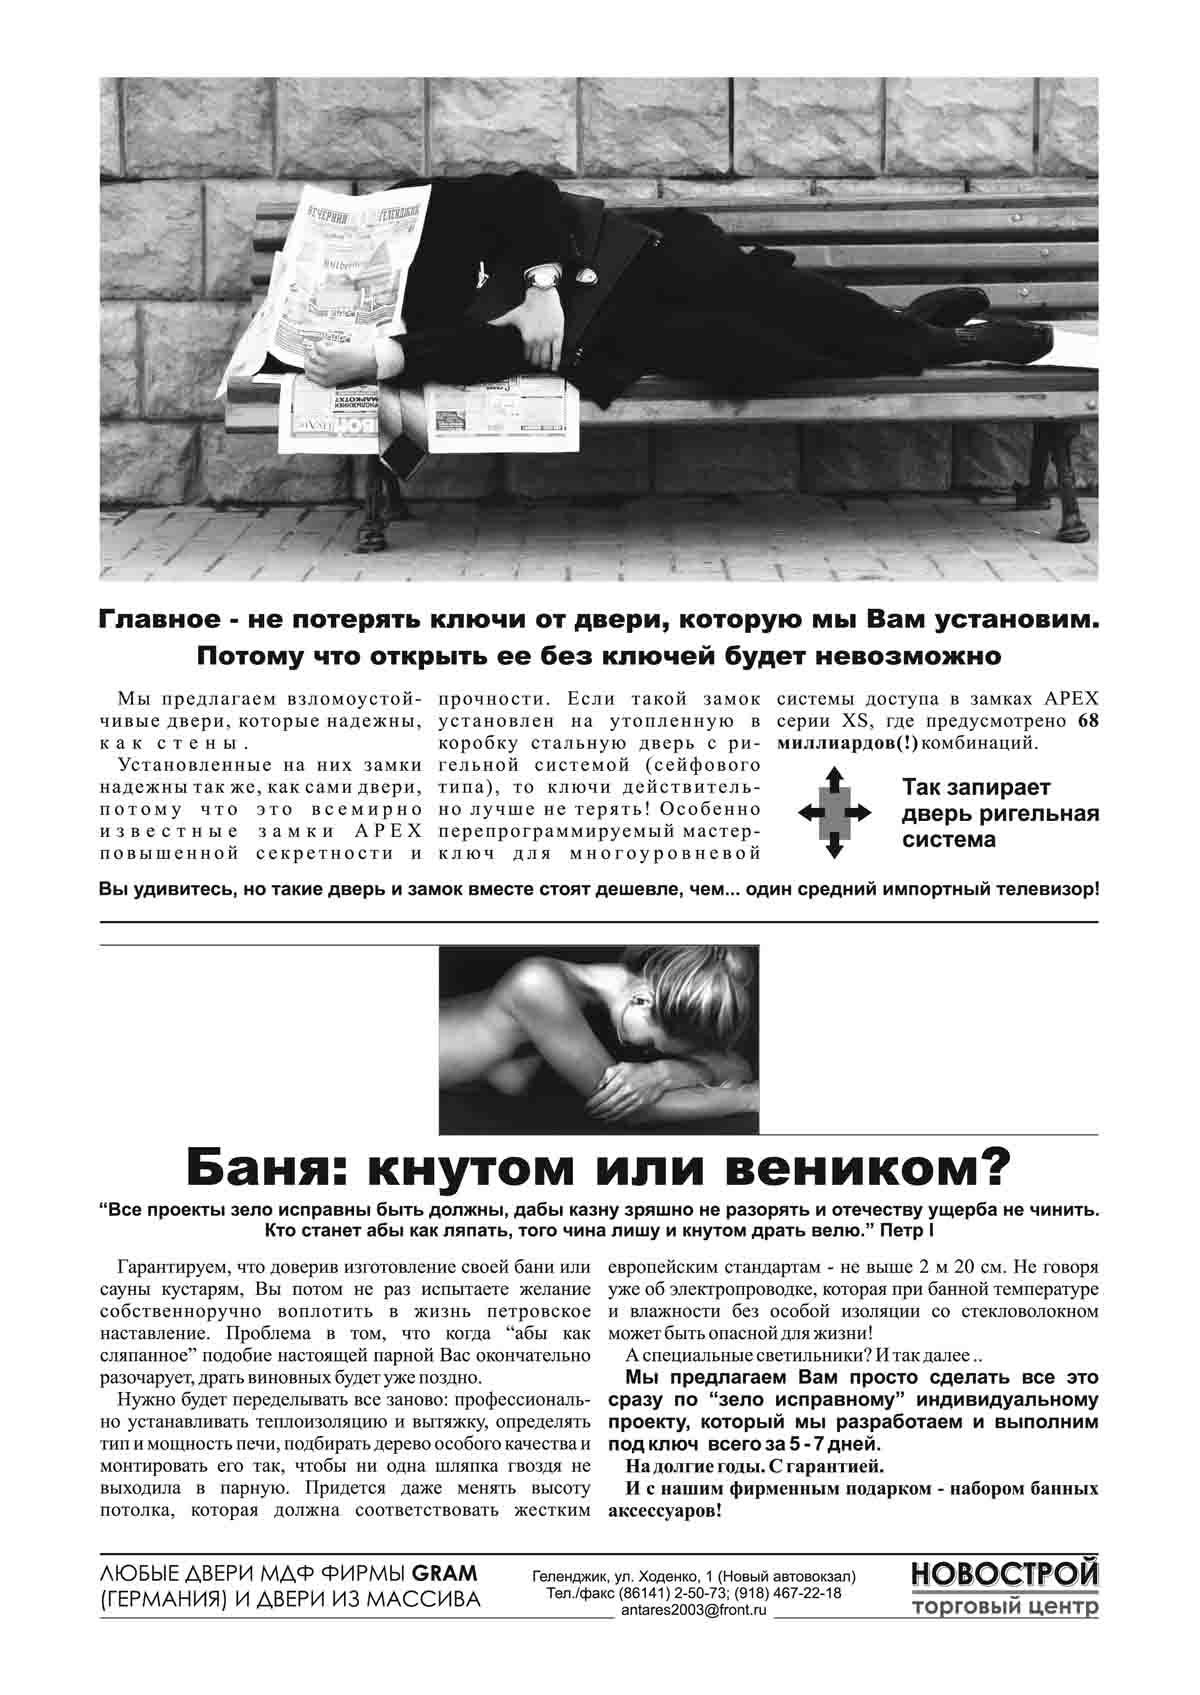 Печатная реклама, Денис Богомолов, Новострой, двери, бани под ключ